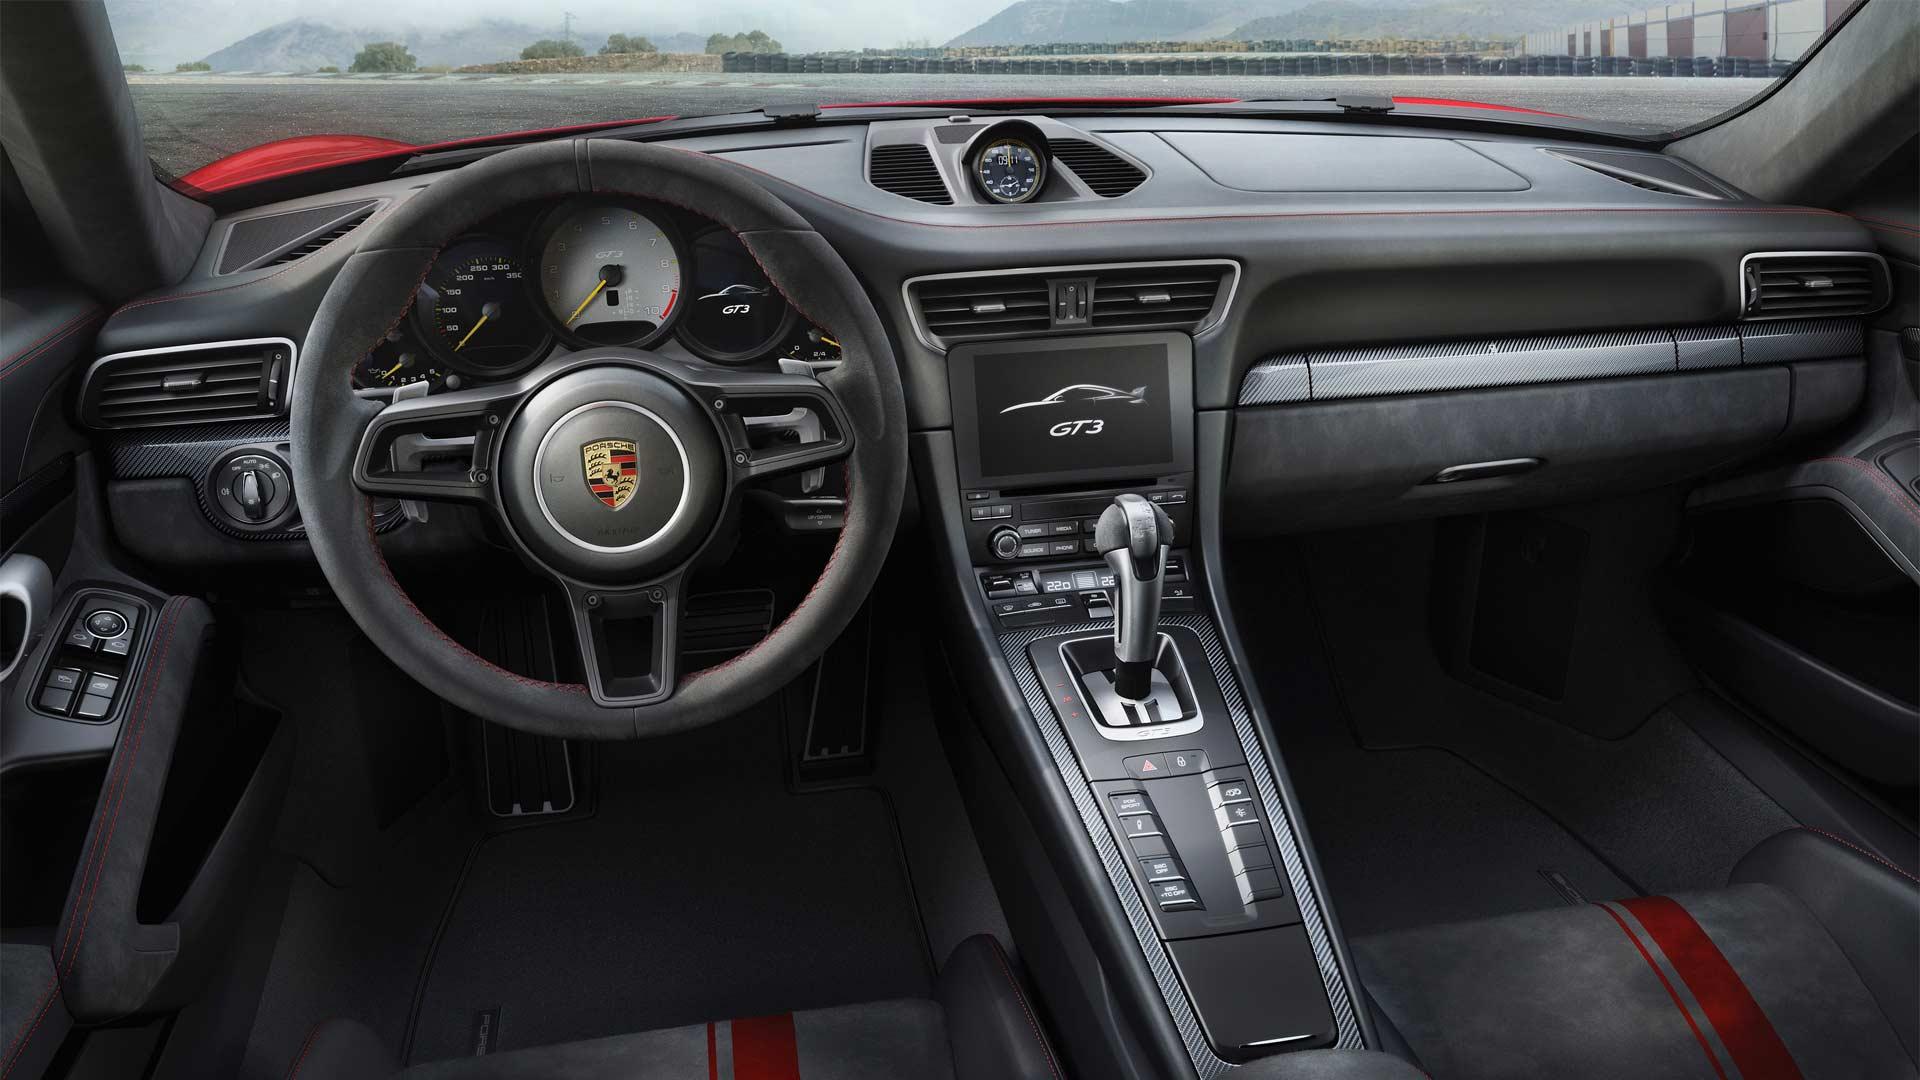 2017-Porsche-911-GT3-interior